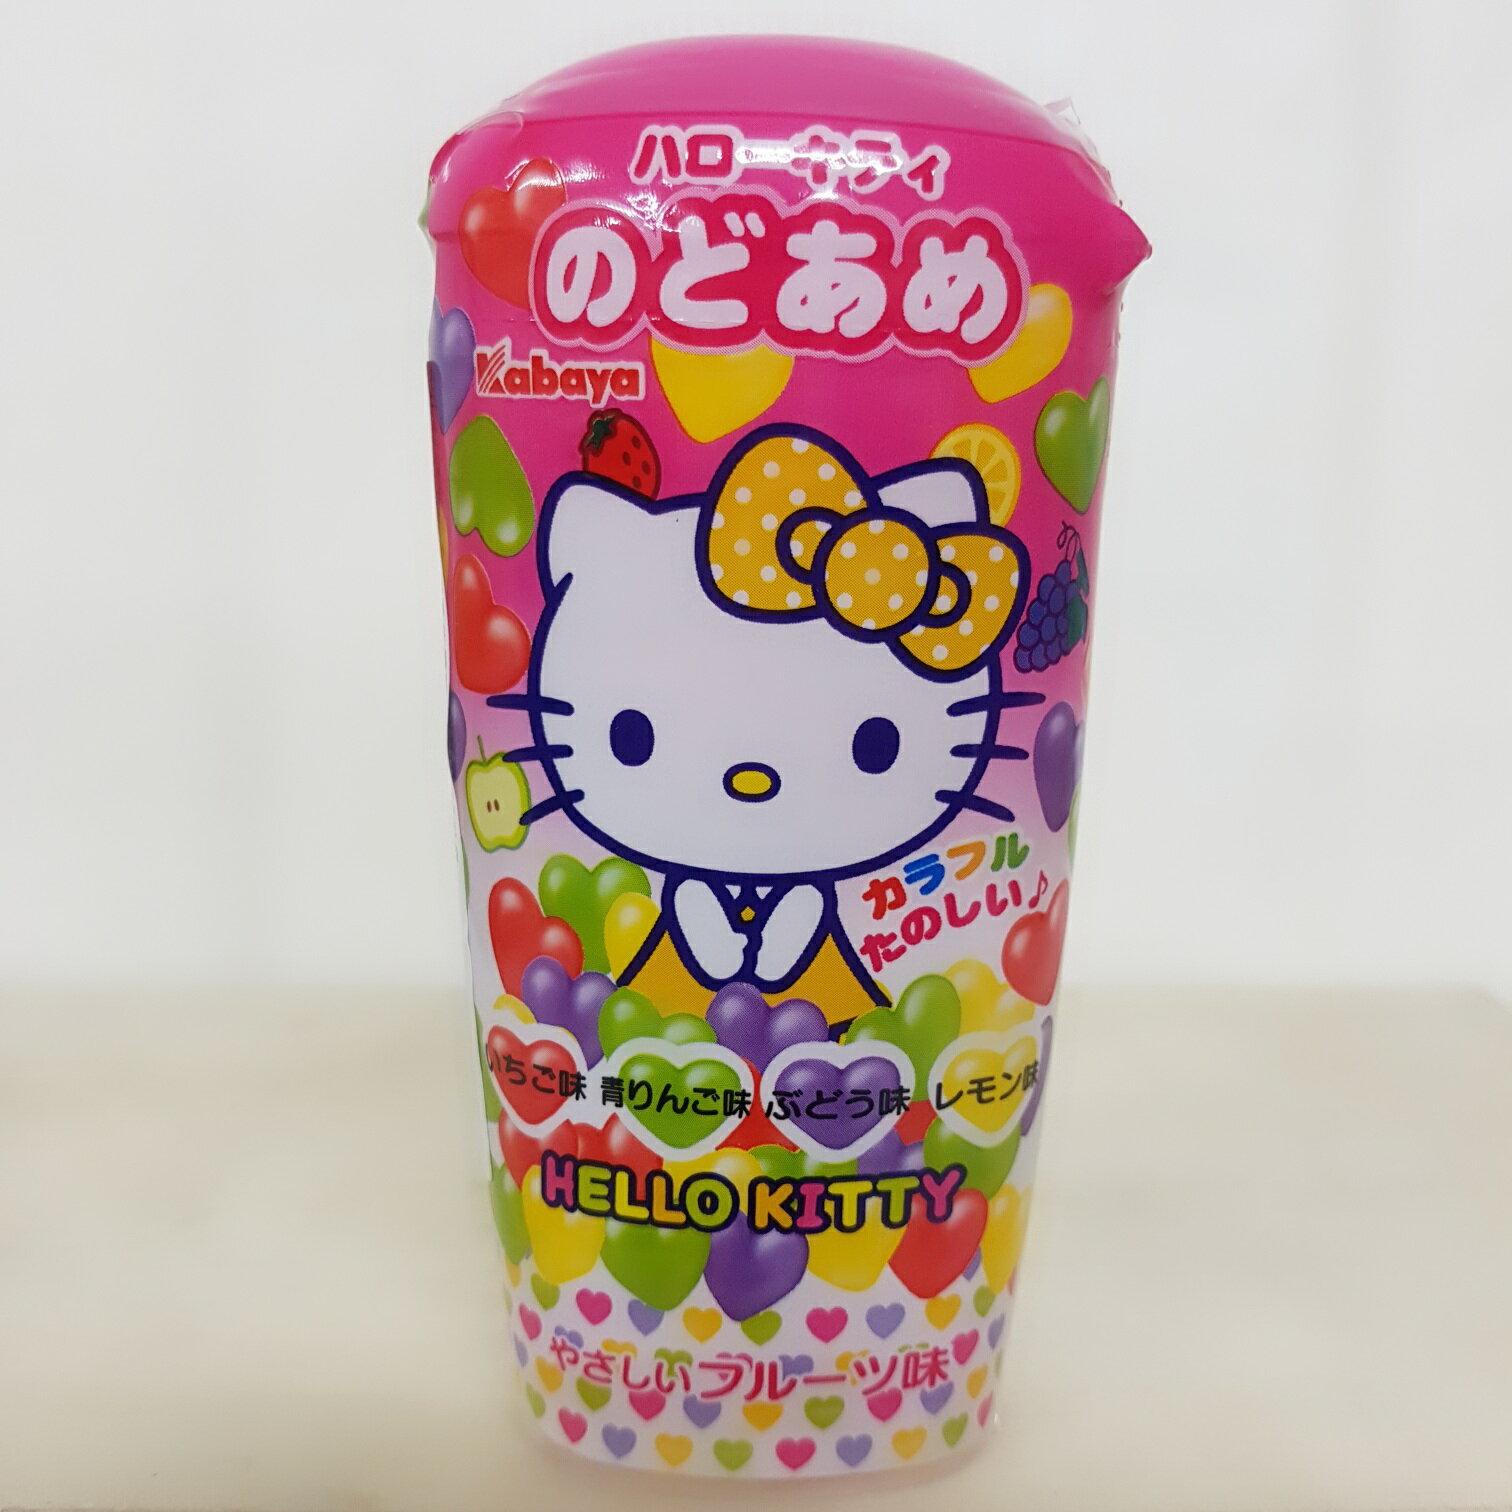 卡巴KT綜合水果糖-35g個